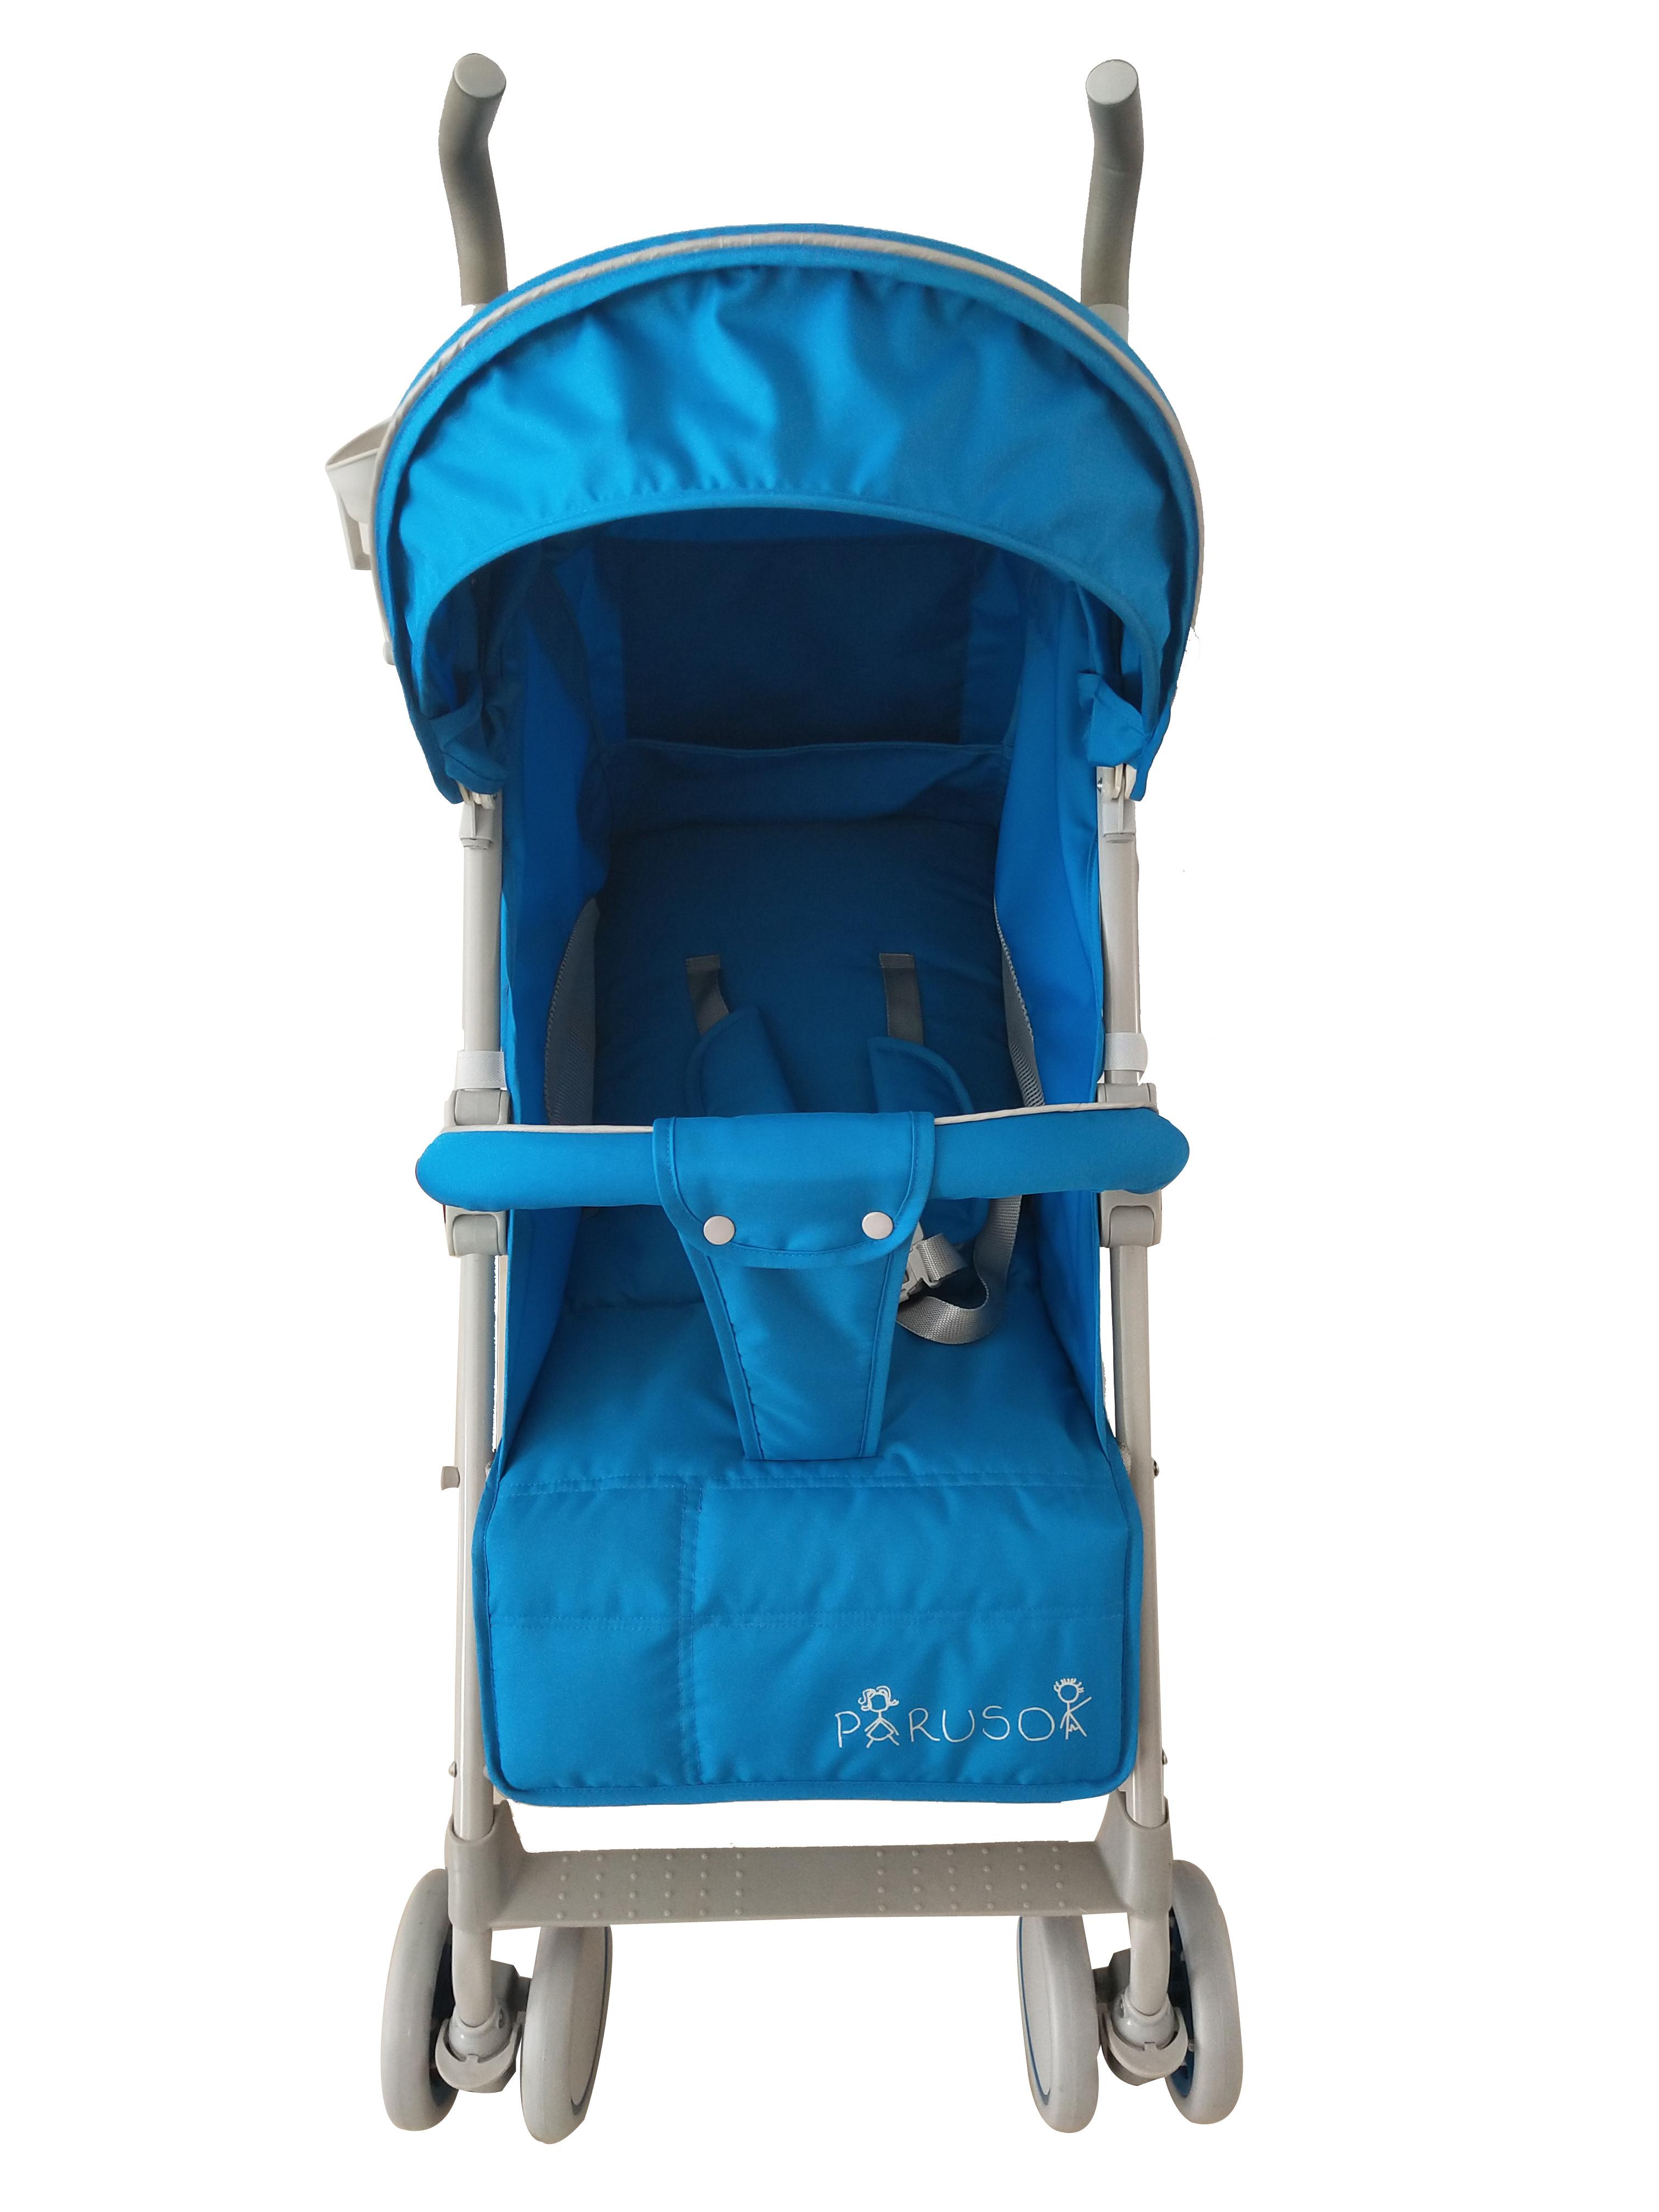 Прогулочная коляска Parusok Shell синий